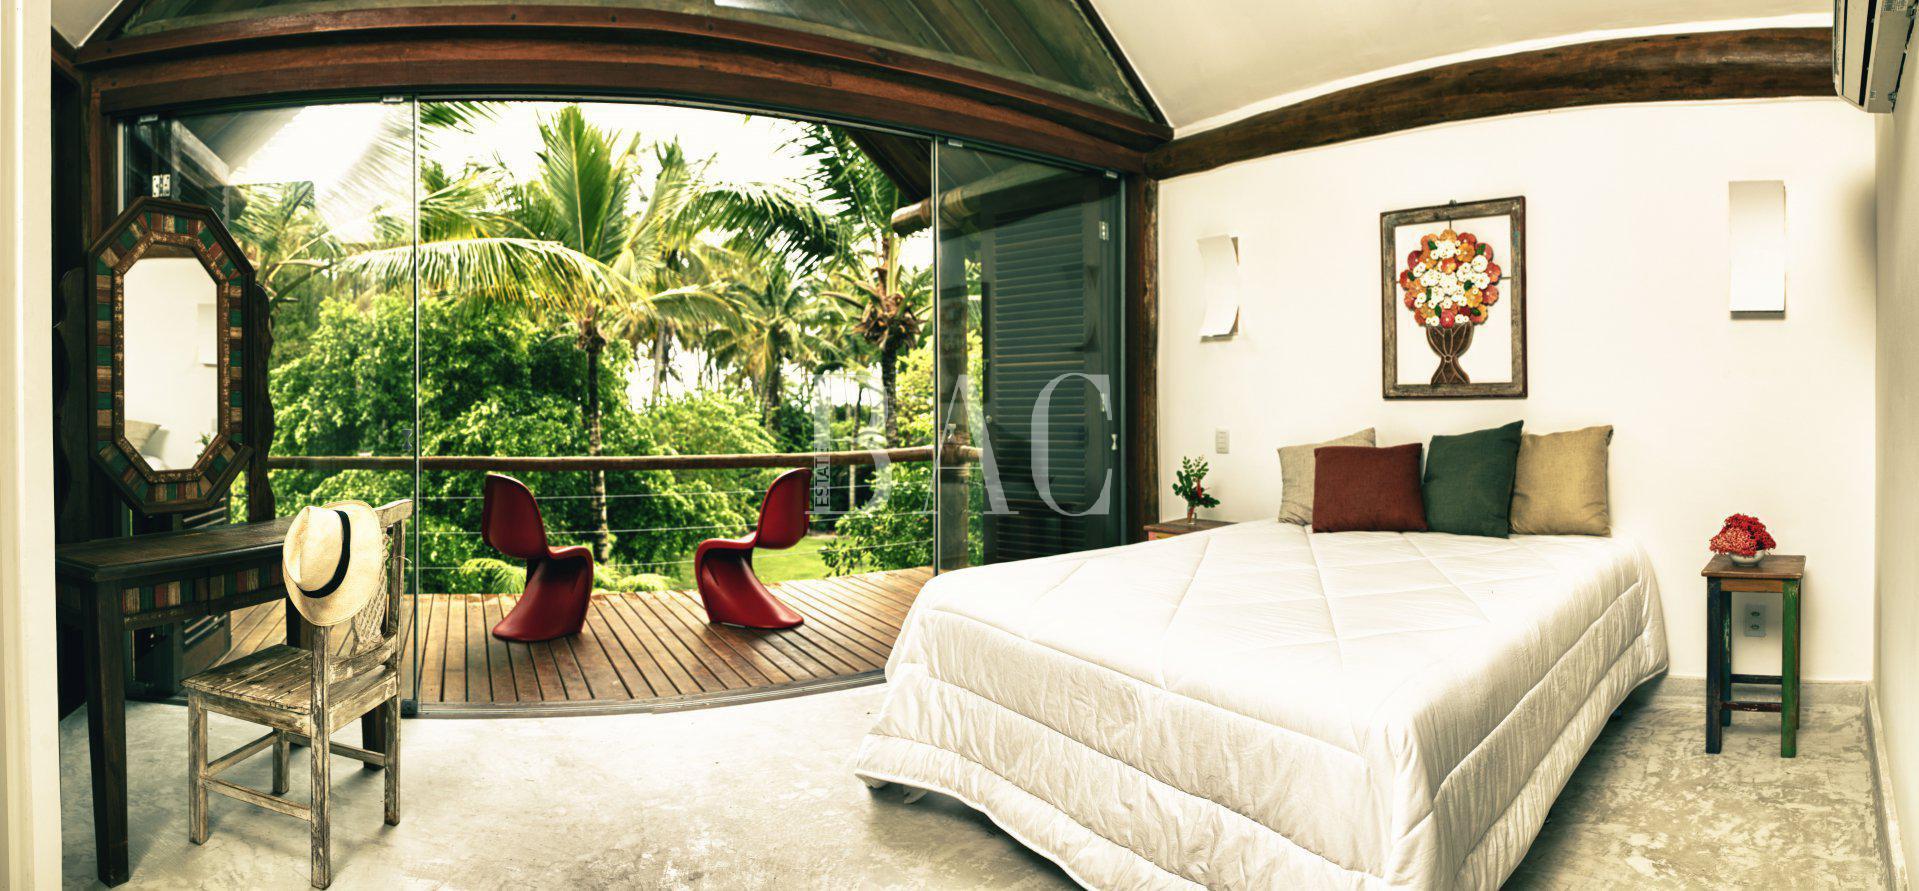 une maison moderne et luxueuse à Boipeba, au Brésil.